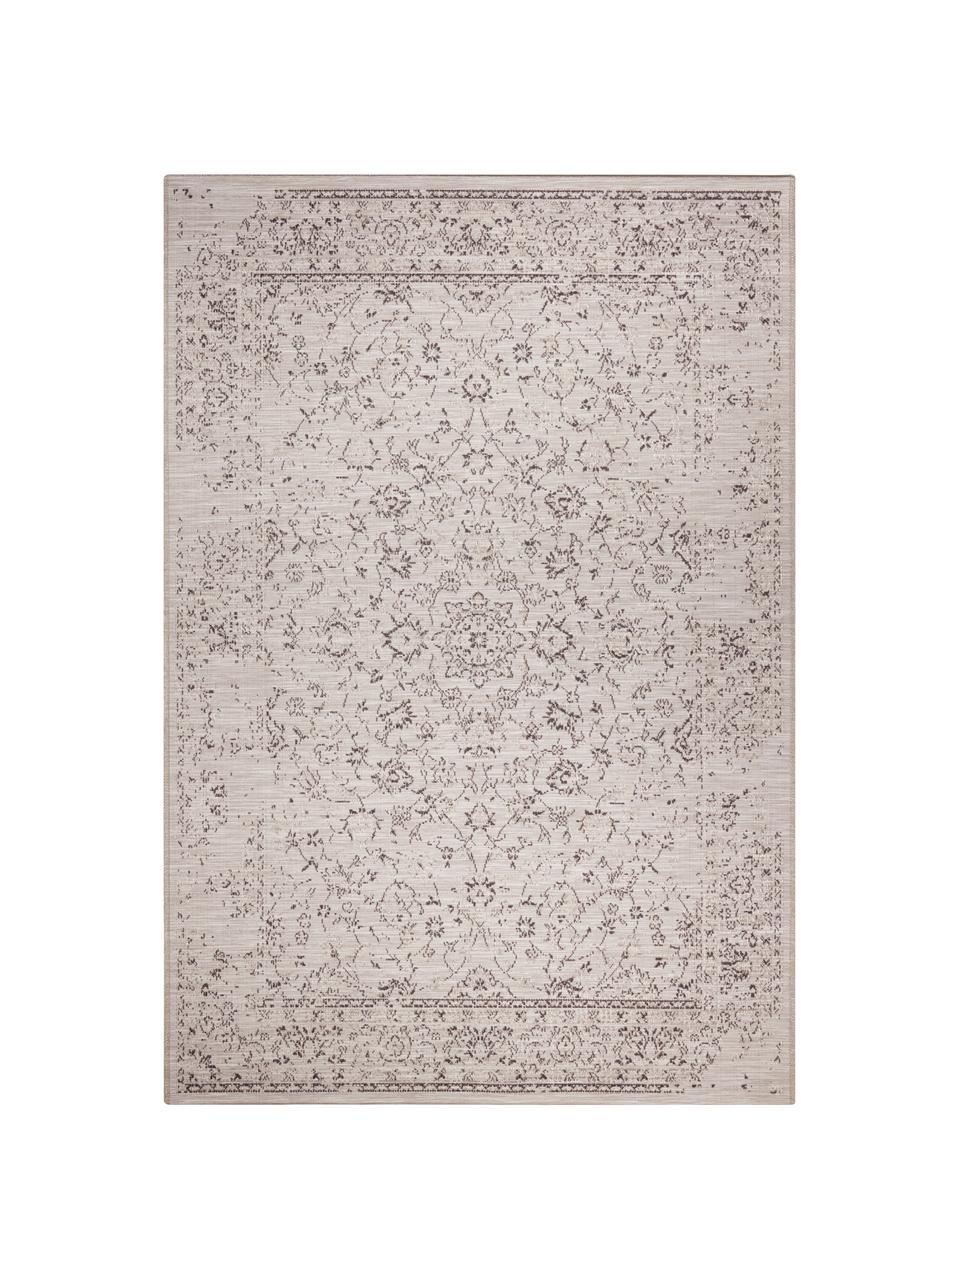 In- & Outdoor-Teppich Orient im Vintage Style, 100% Polypropylen, Grautöne, B 190 x L 290 cm (Größe L)